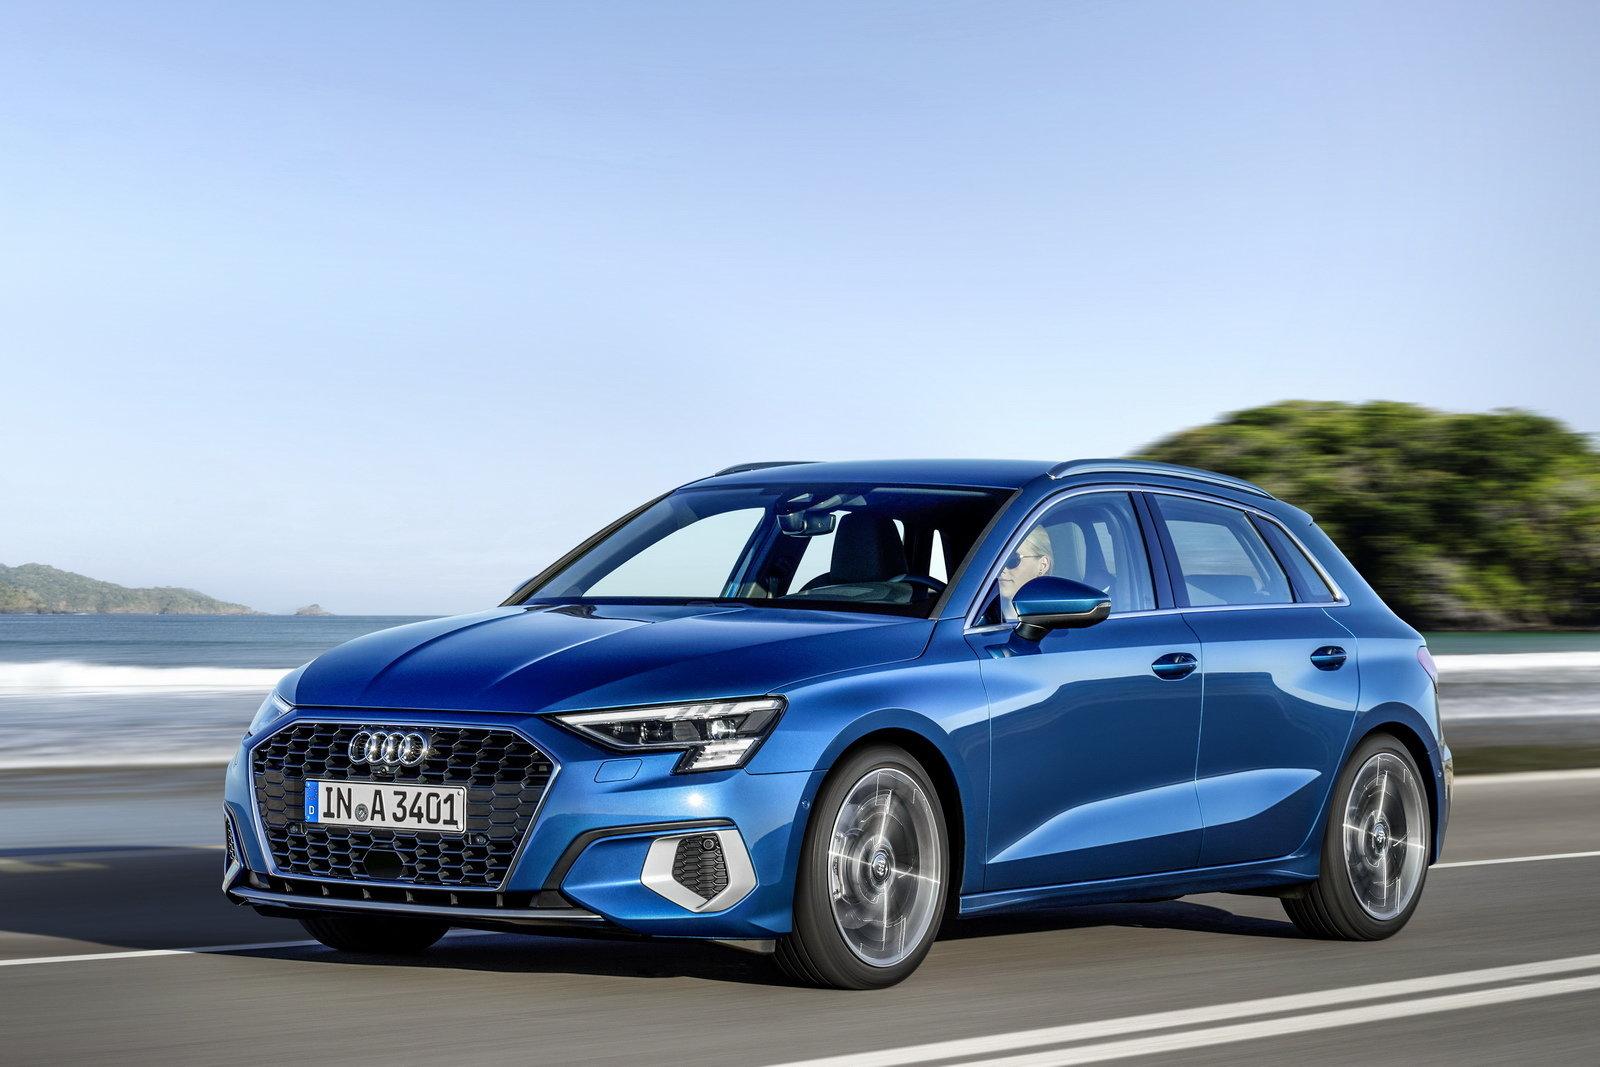 Canzone dello spot pubblicitario Audi A3 Sportback 2020